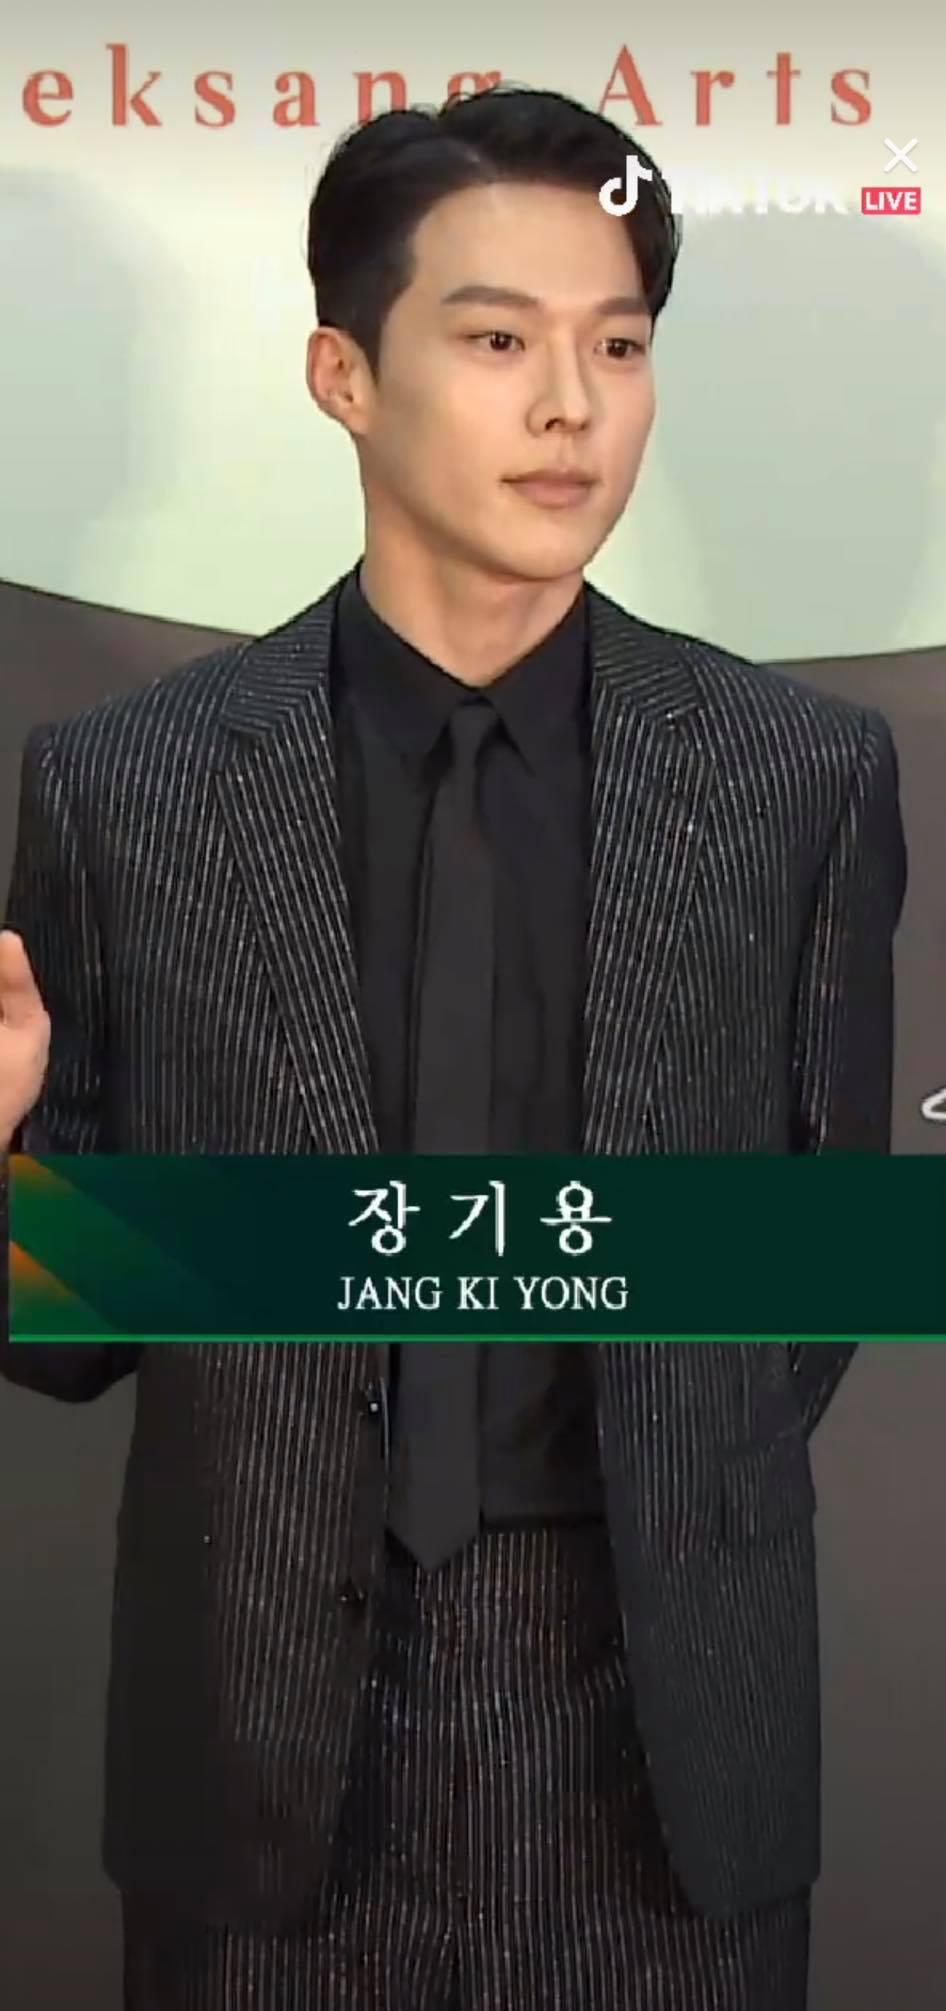 Jang Ki Yong - mỹ nam đến với vị trí người trao giải